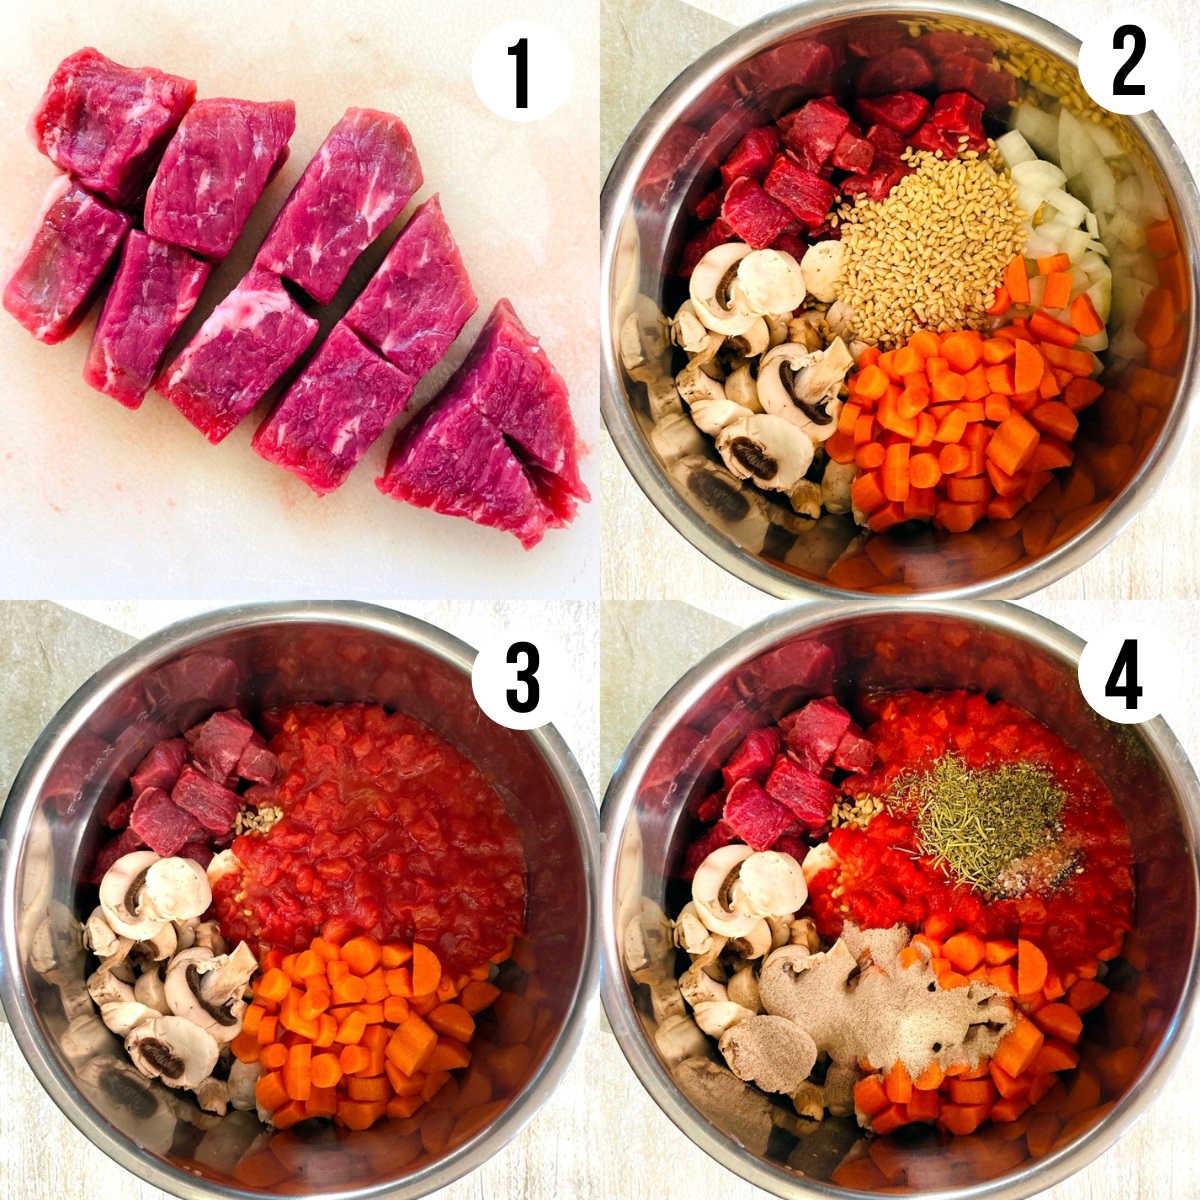 instant pot vegetable beef soup process shots 1 through 4